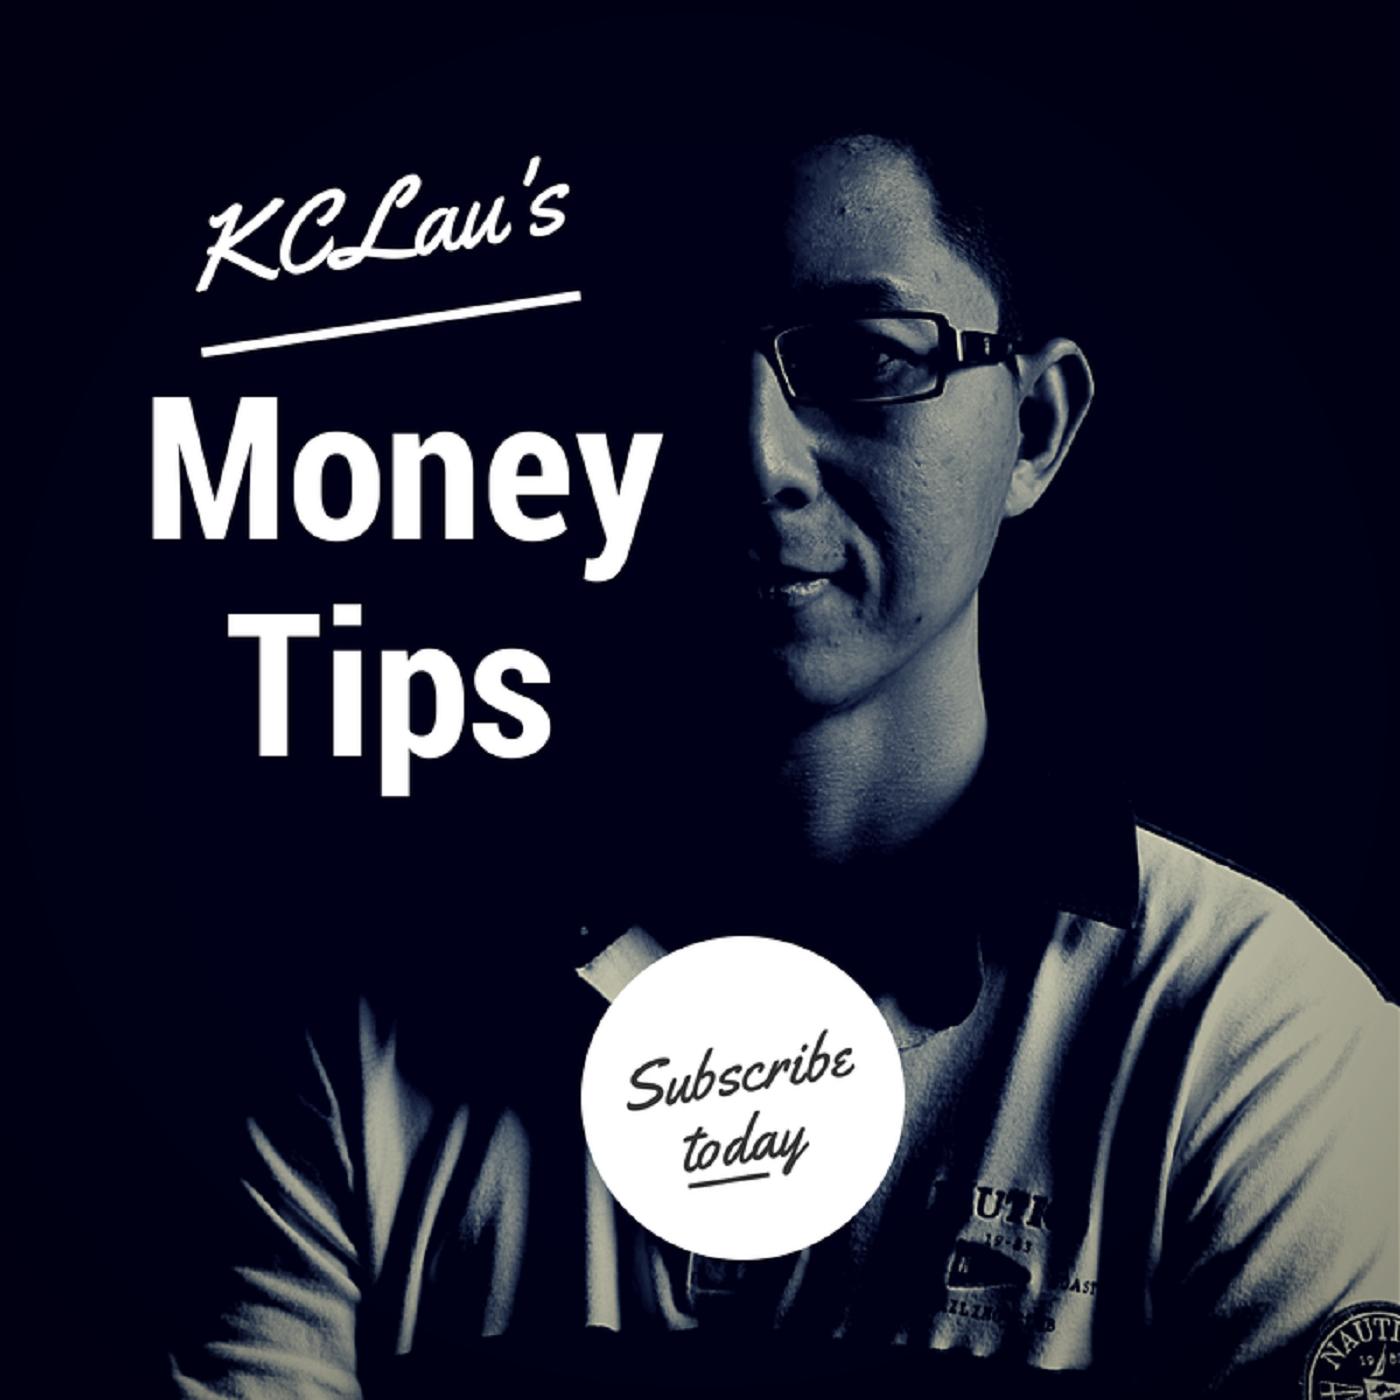 KCLau's Money Tips Show